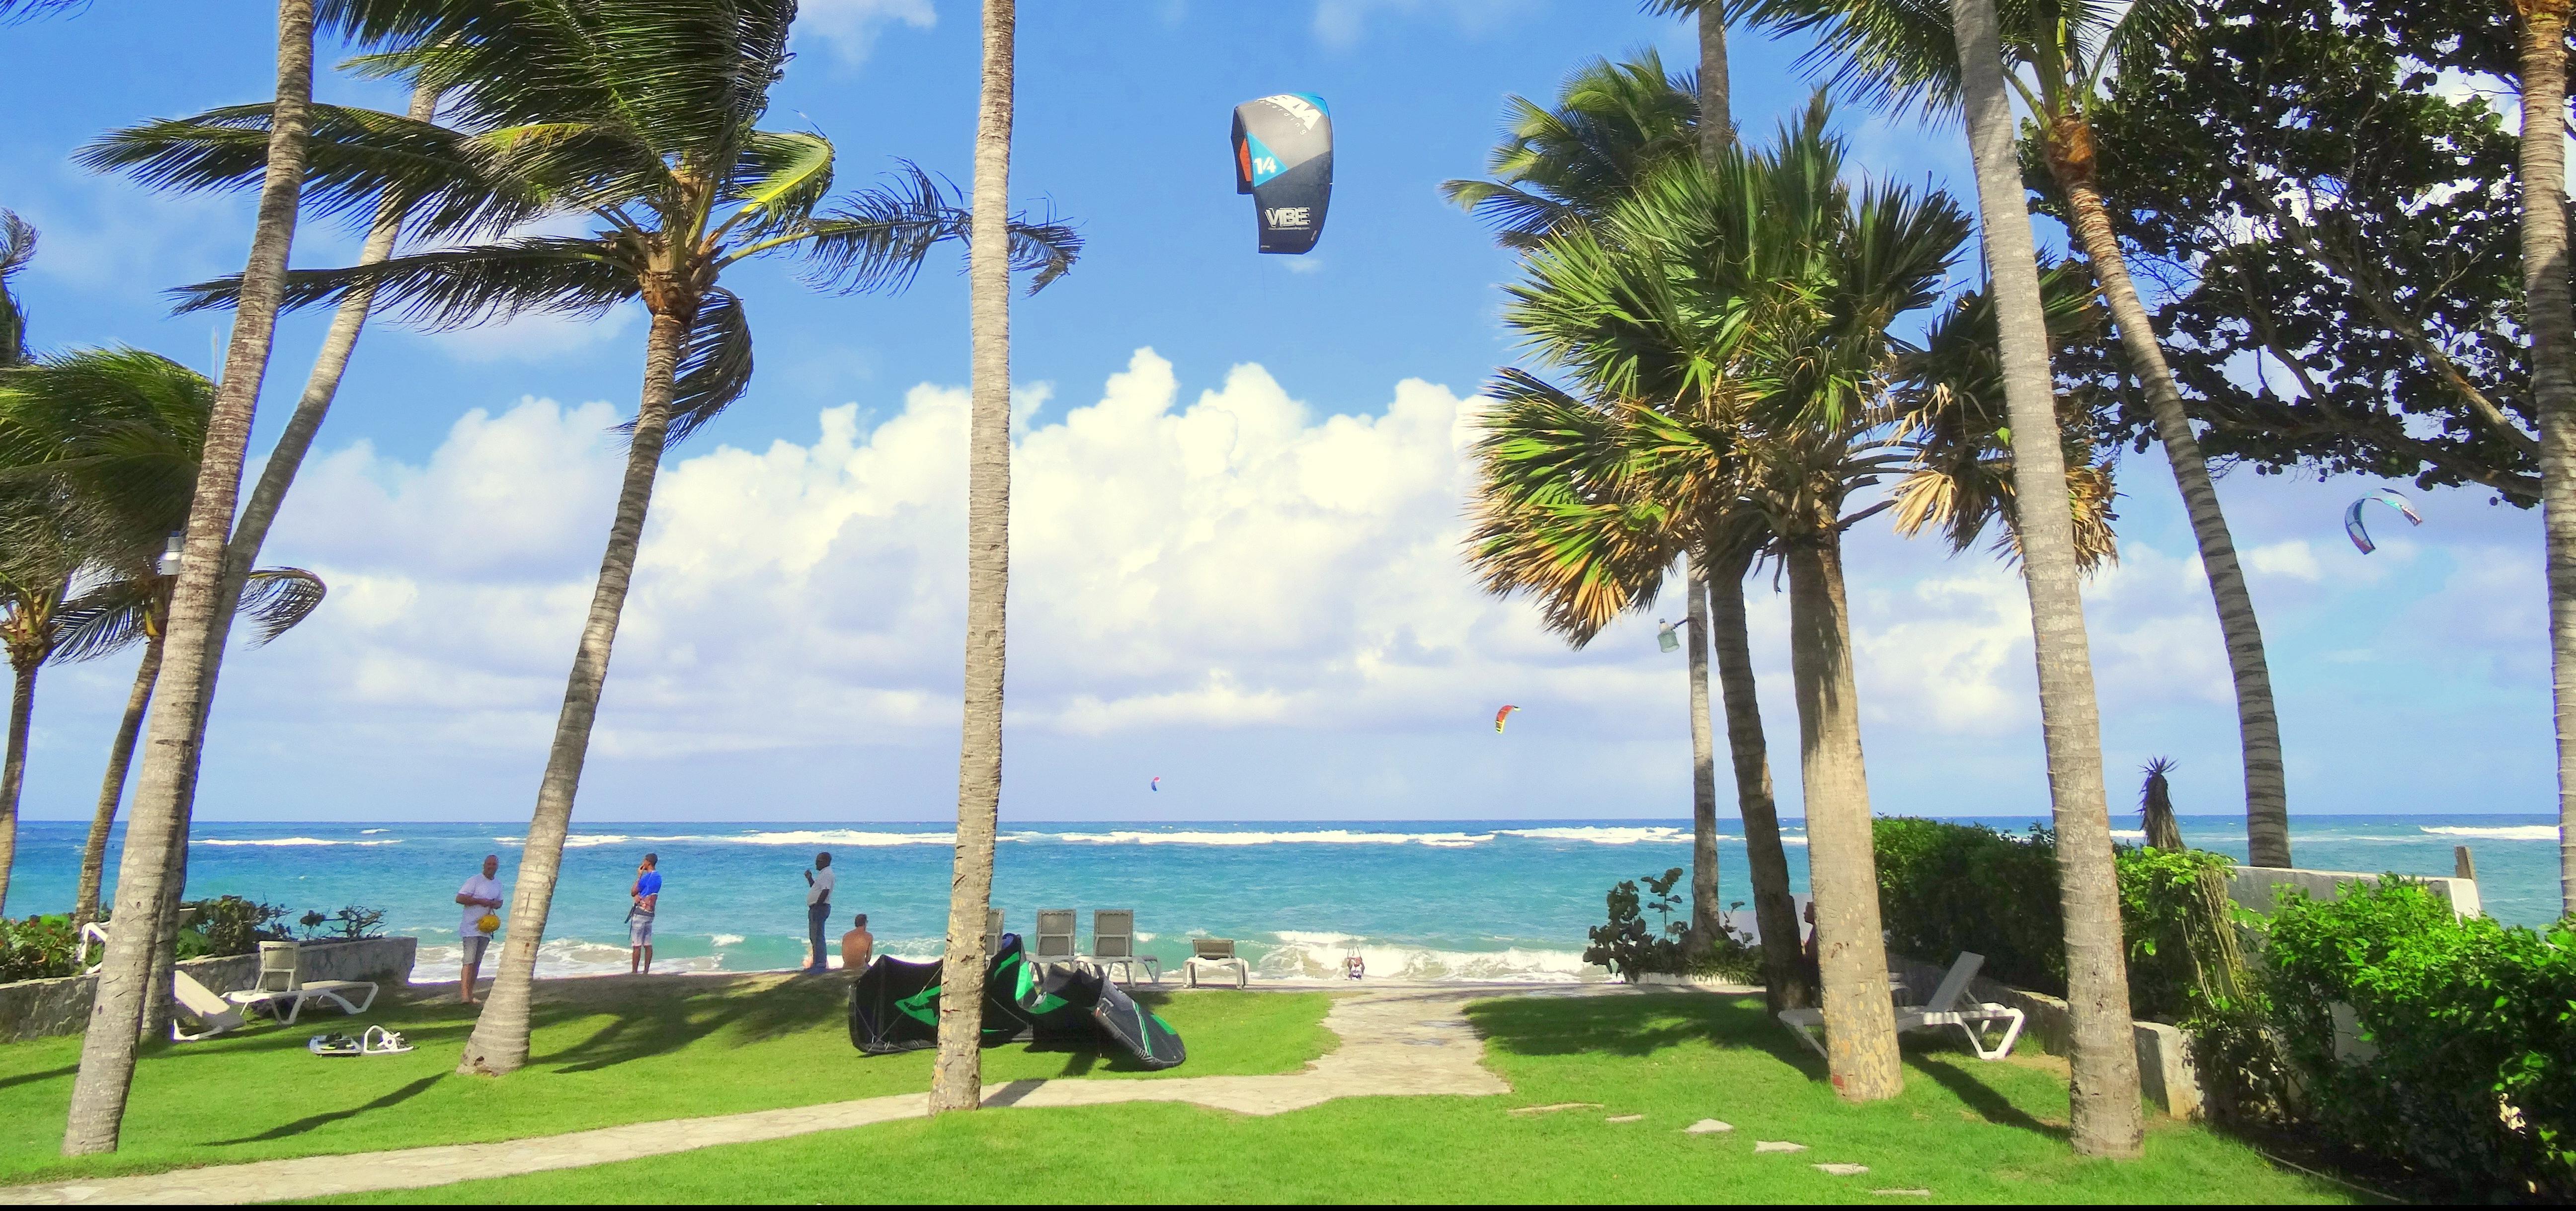 Activities In & Around Kite Beach Cabarete